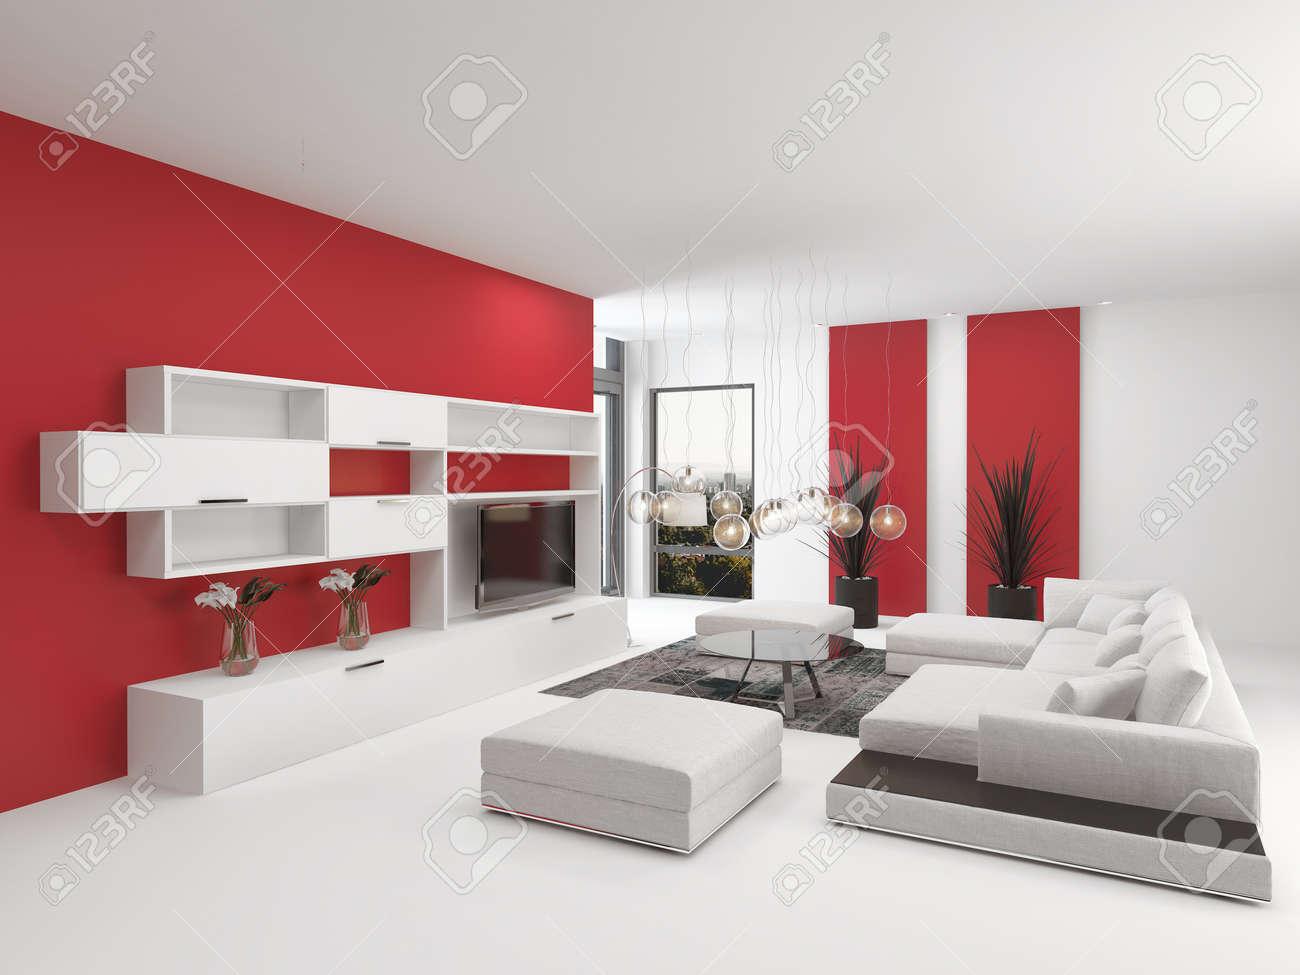 distinguido interior living moderno con toques rojos vivos y decoracin en blanco con un saln suite - Living Moderno